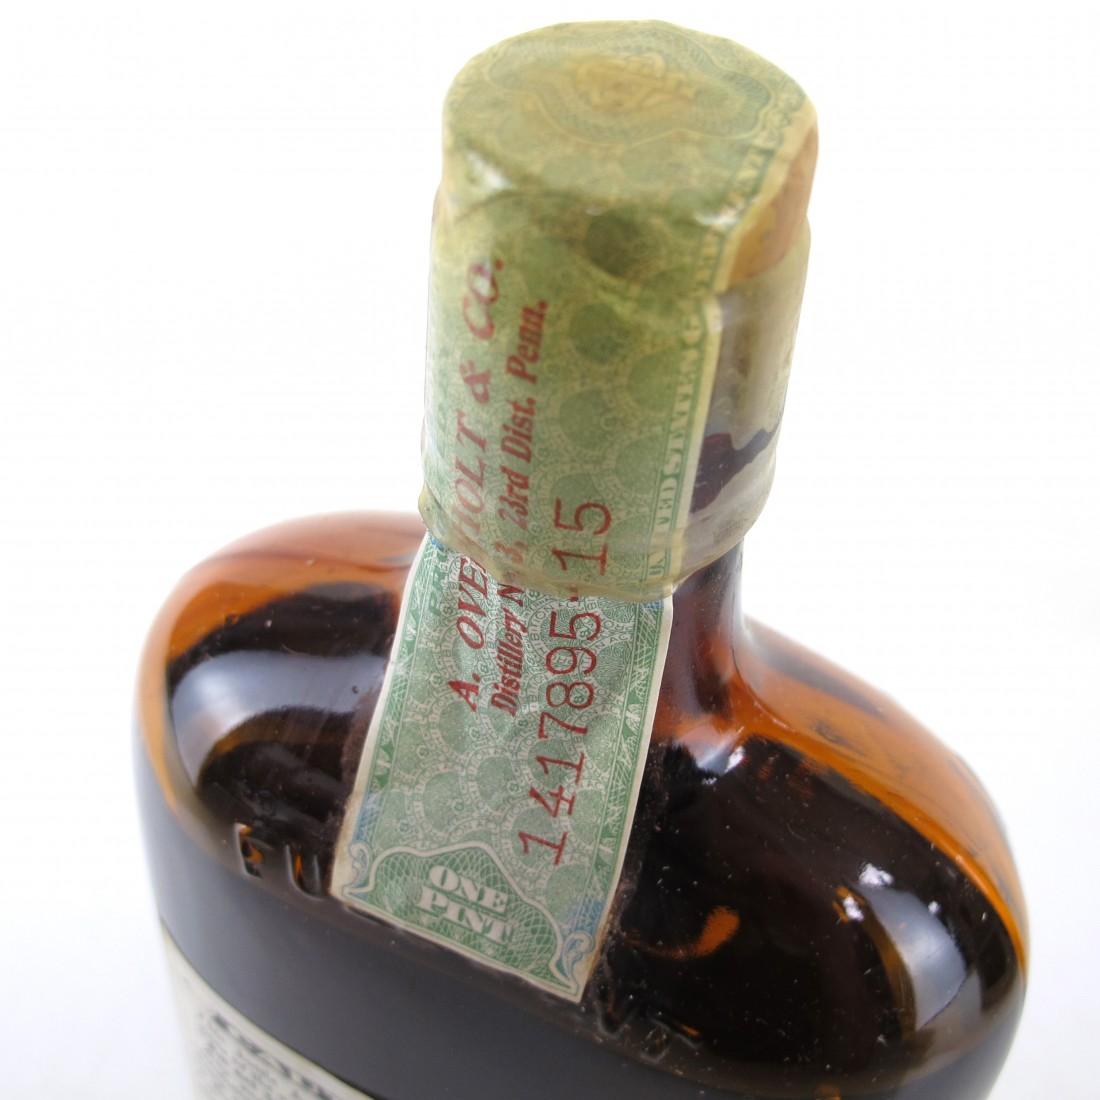 Old Overholt 1914 Bottled in Bond 14 Year Old 1 Pint / Prohibition Era Bottling